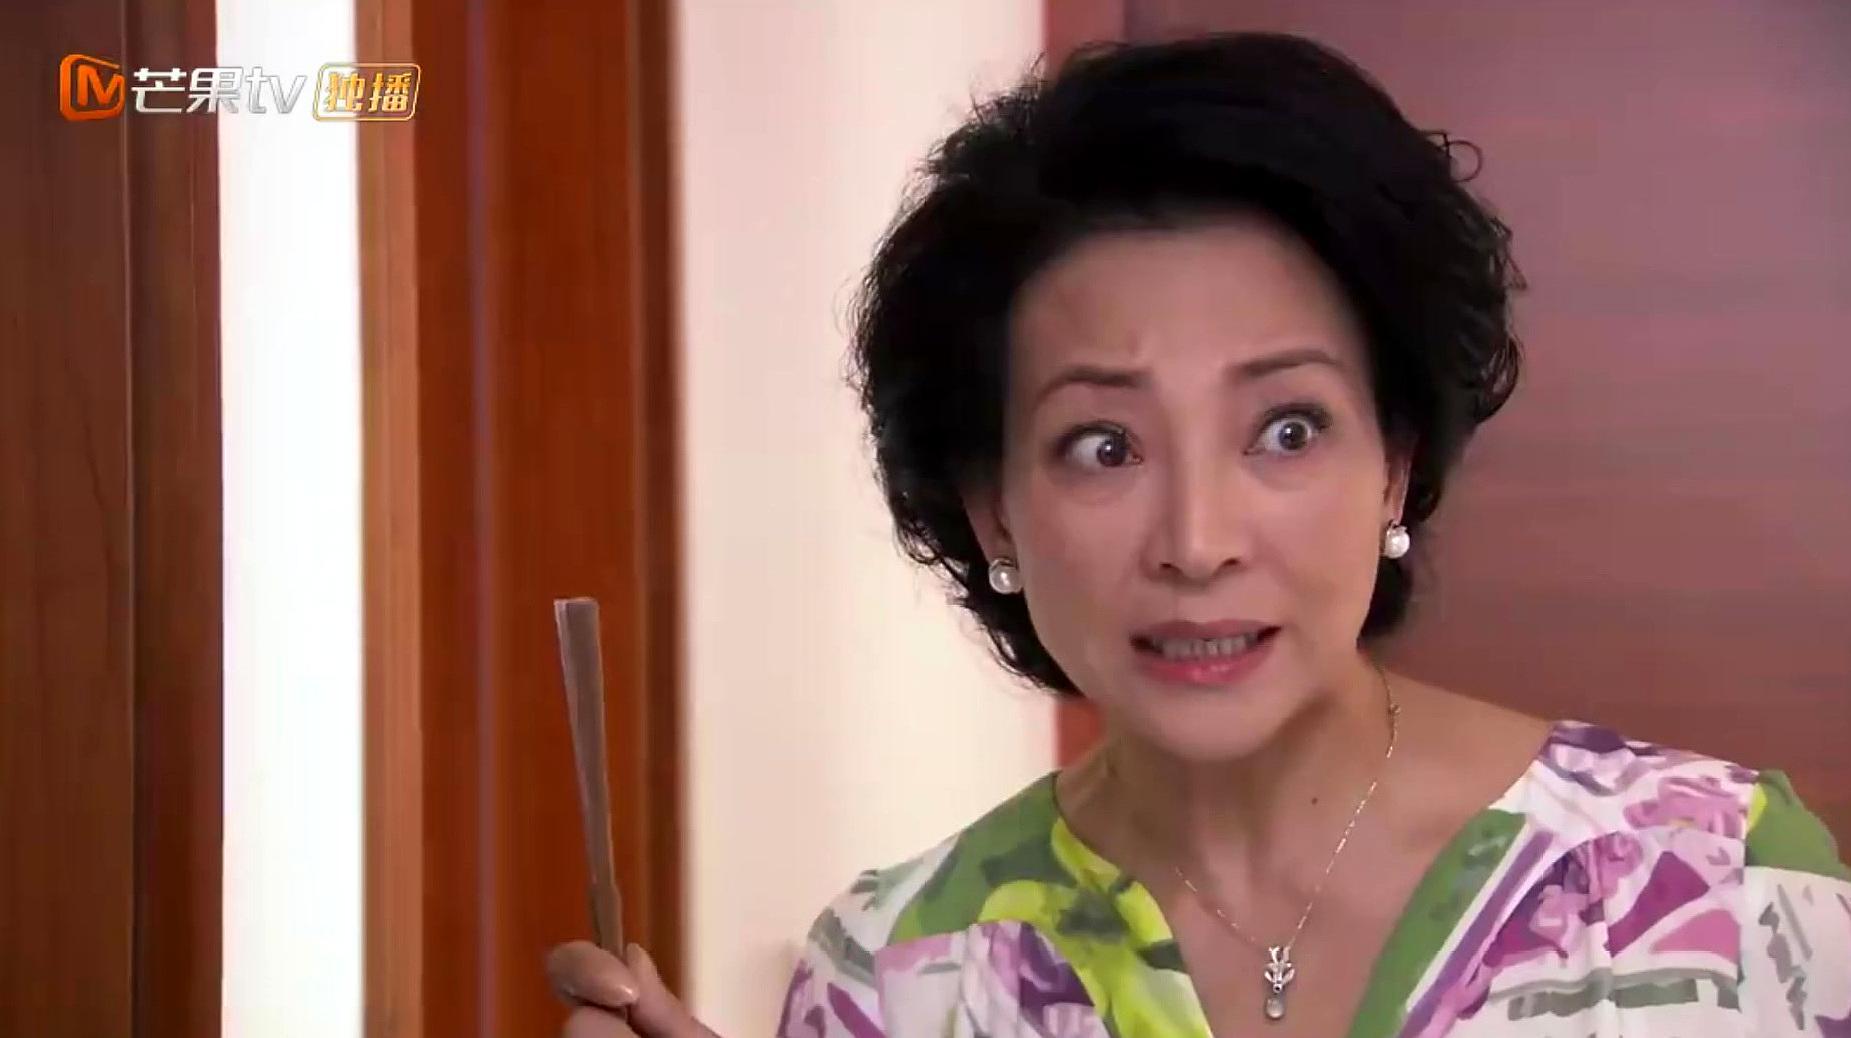 《亲爱的婚姻》第40集看点:王可可夜不归宿?黎小俊带女人回家?